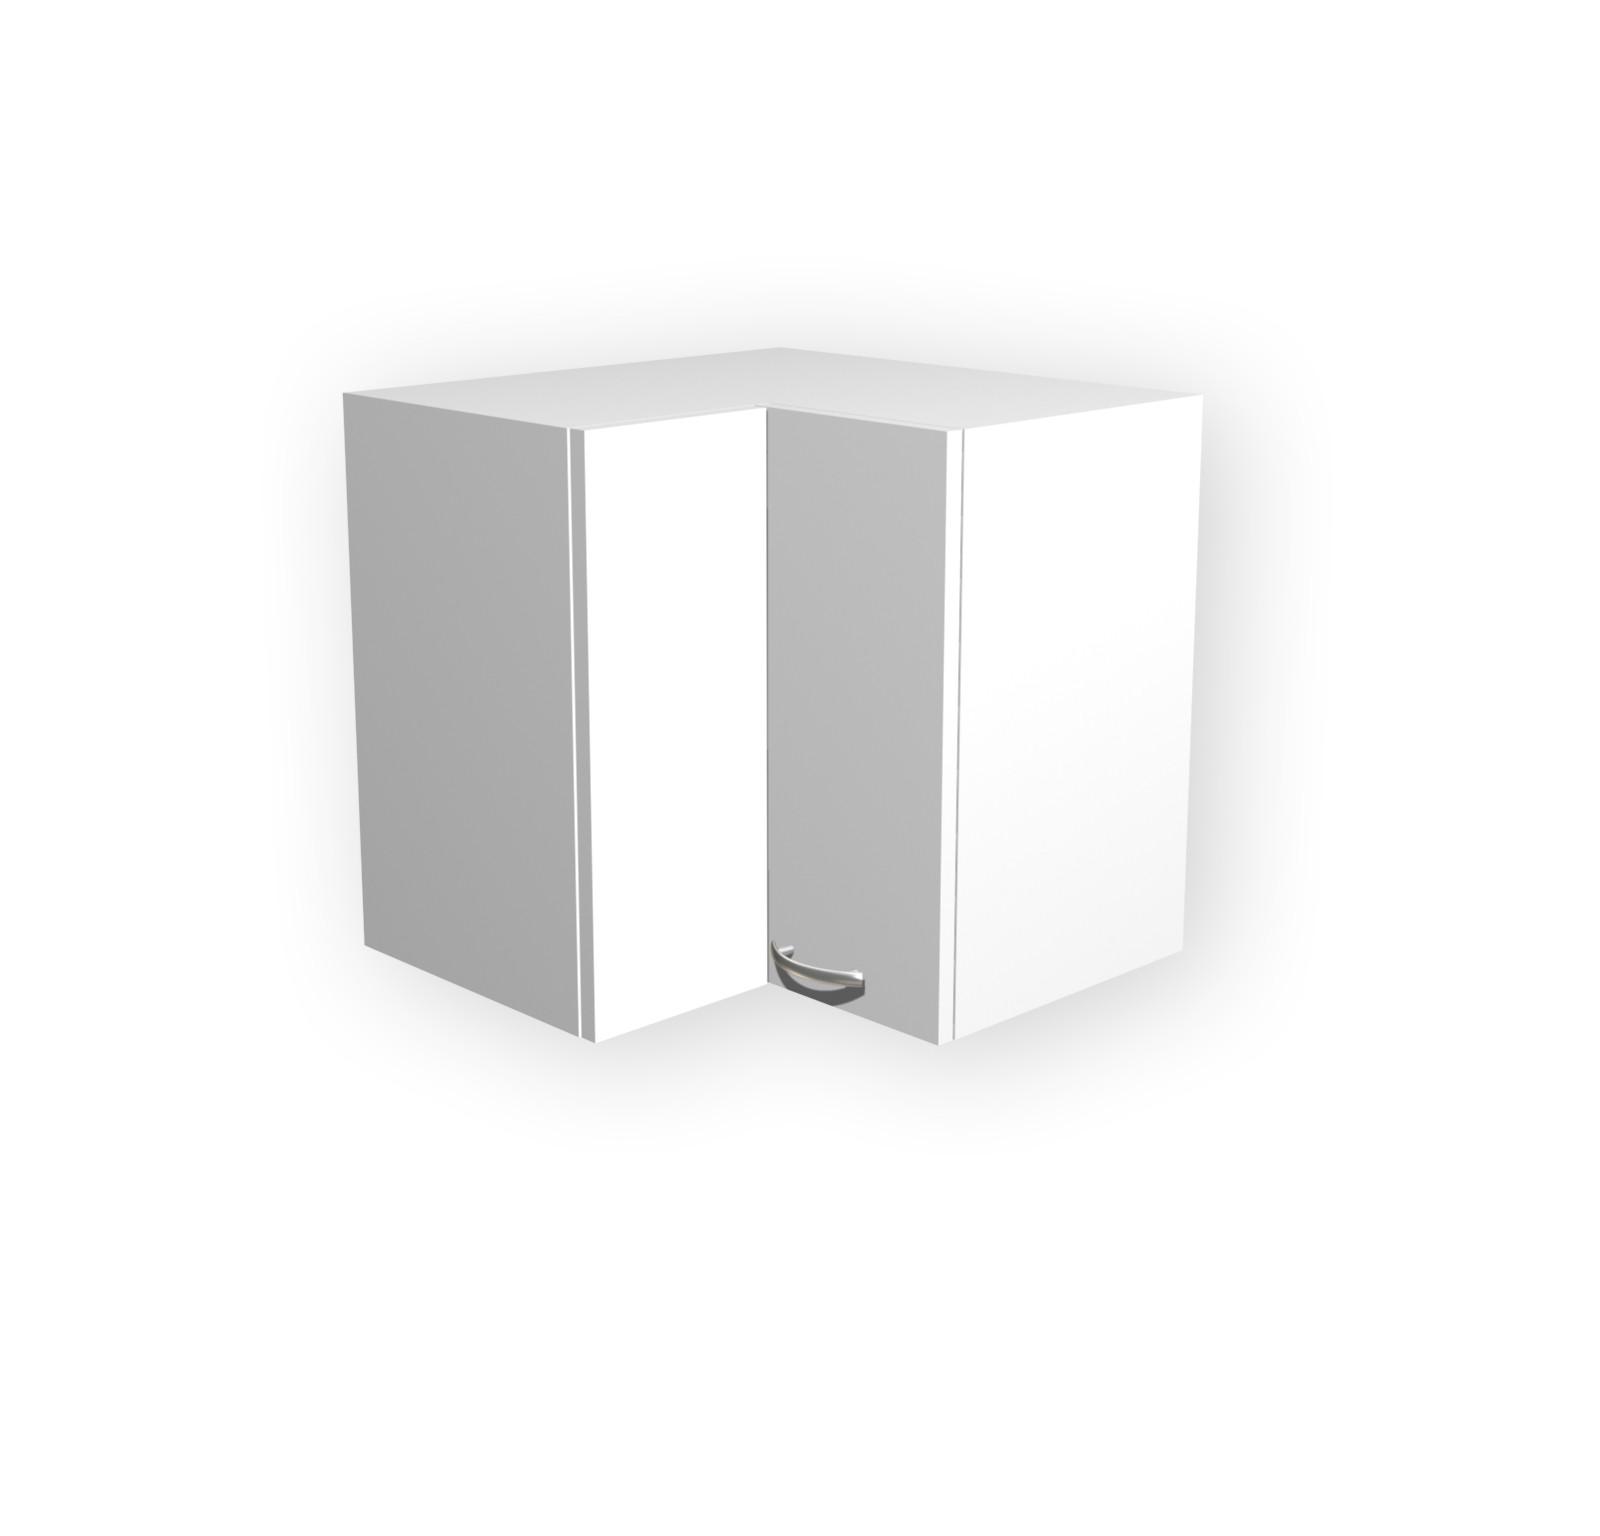 Küchen-Eckhängeschrank UNNA - 2-türig - 60 cm breit - Weiß Küche | {Eck hängeschrank küche 32}